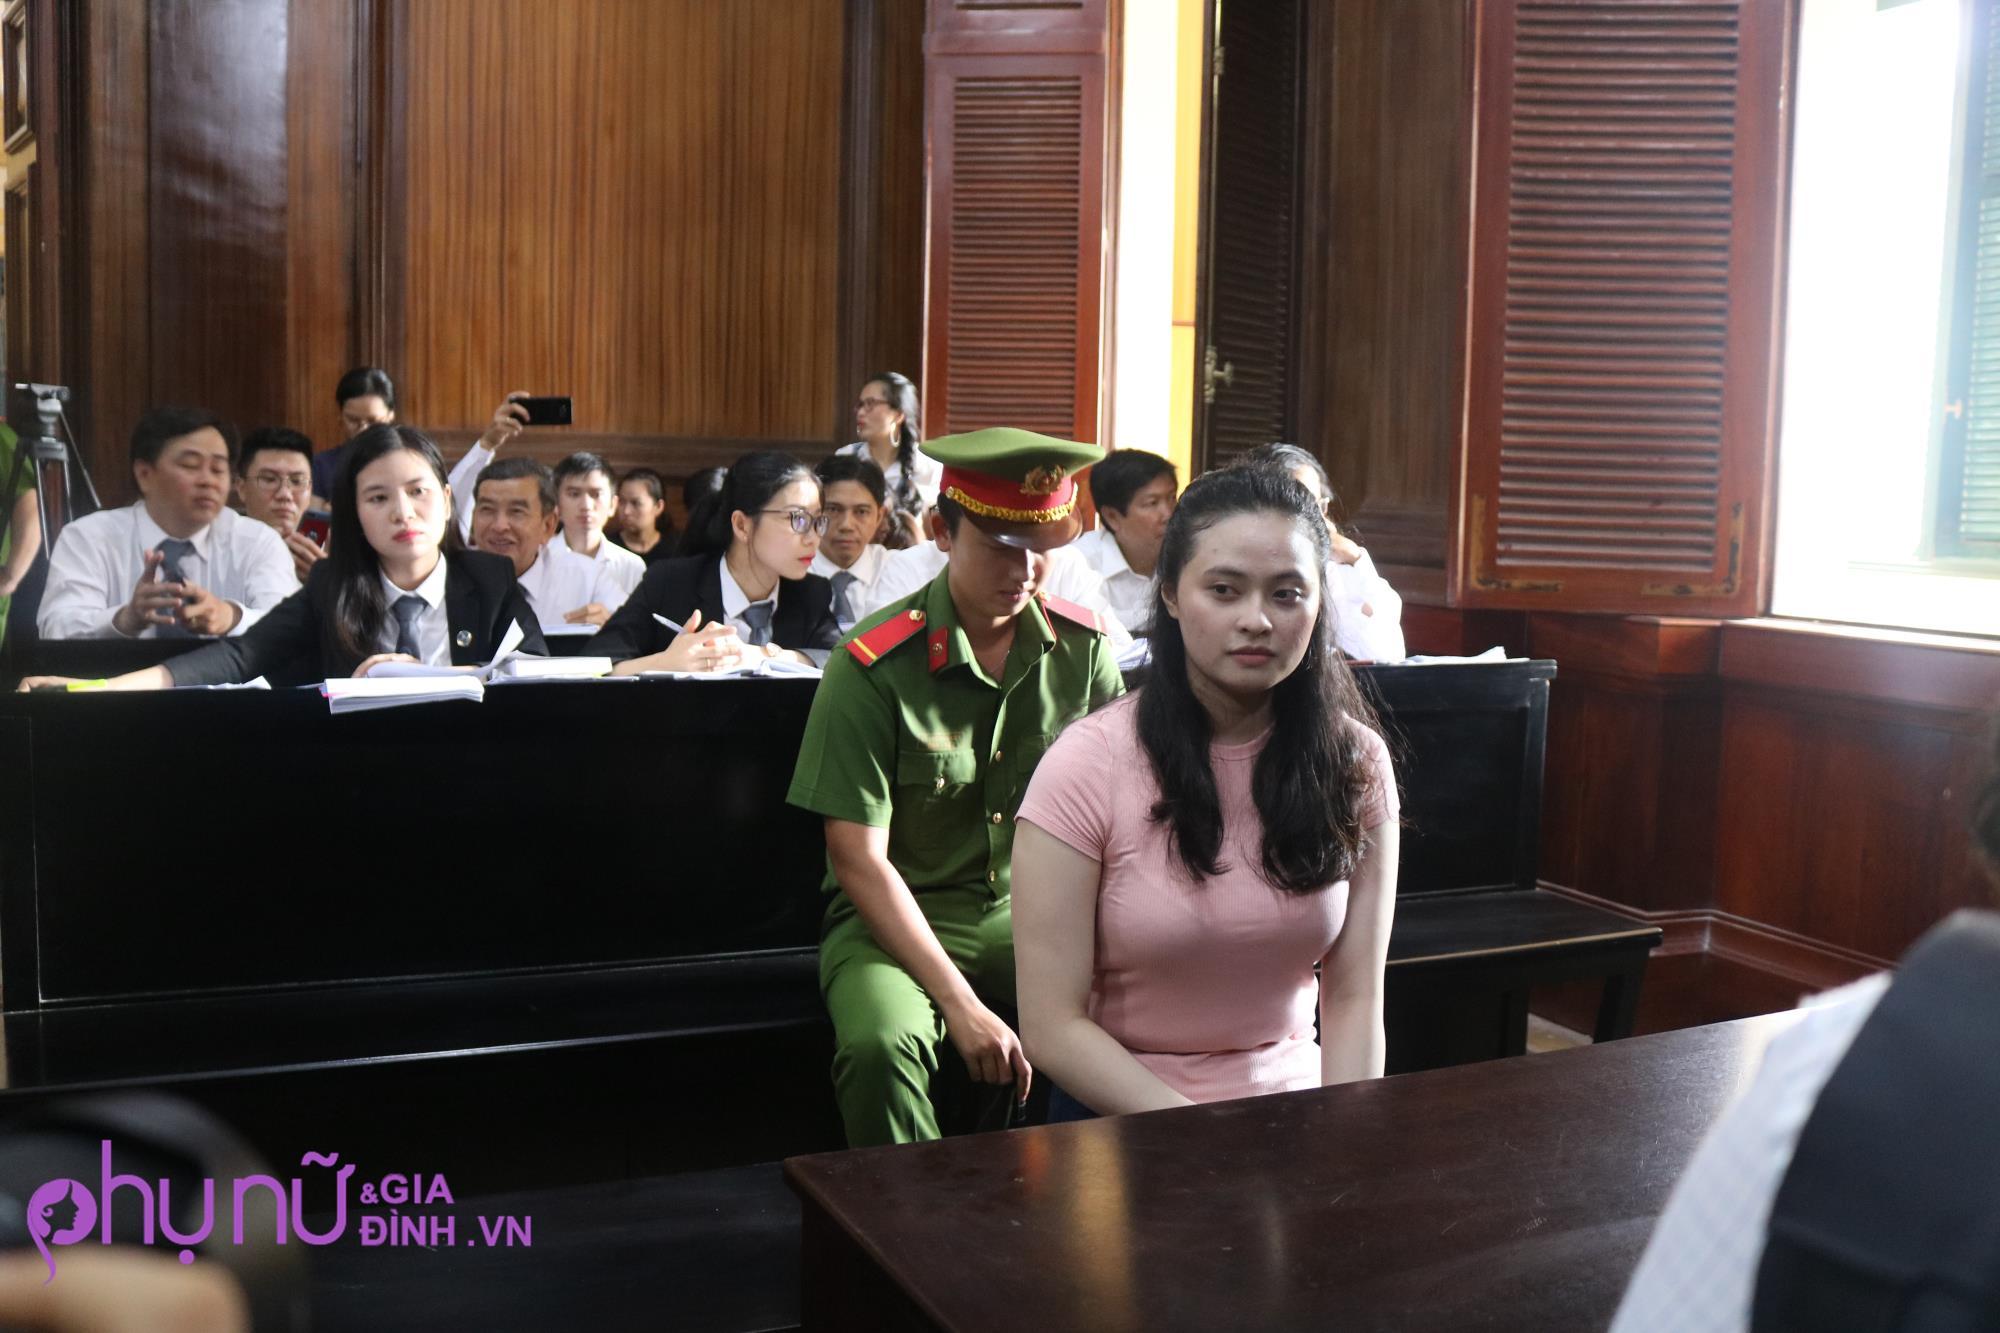 Bất ngờ với nhan sắc hiện tại của hot girl Ngọc Miu - người tình của ông trùm ma túy sau nhiều tháng ngồi tù - Ảnh 5